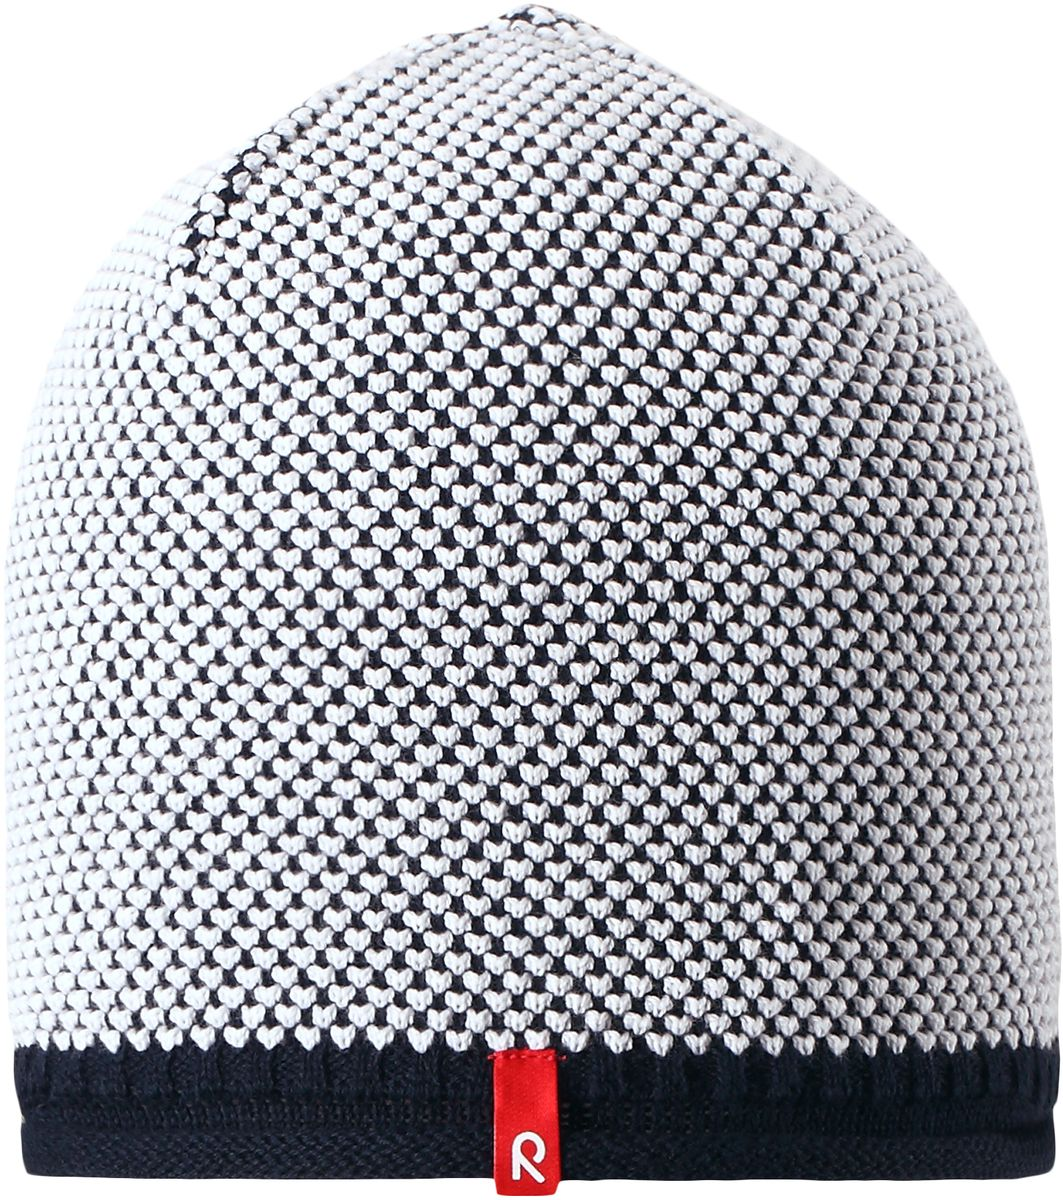 Шапка детская Reima Seilori, цвет: темно-синий. 5285296980. Размер 565285296980Яркая детская шапка станет превосходным выбором в межсезонье, в ней можно и поиграть во дворе, и прогуляться по городу. Изготовлена из мягкого и комфортного вязаного хлопка. Эта симпатичная облегченная модель без подкладки идеально подходит для солнечной погоды. Модный вязаный узор.